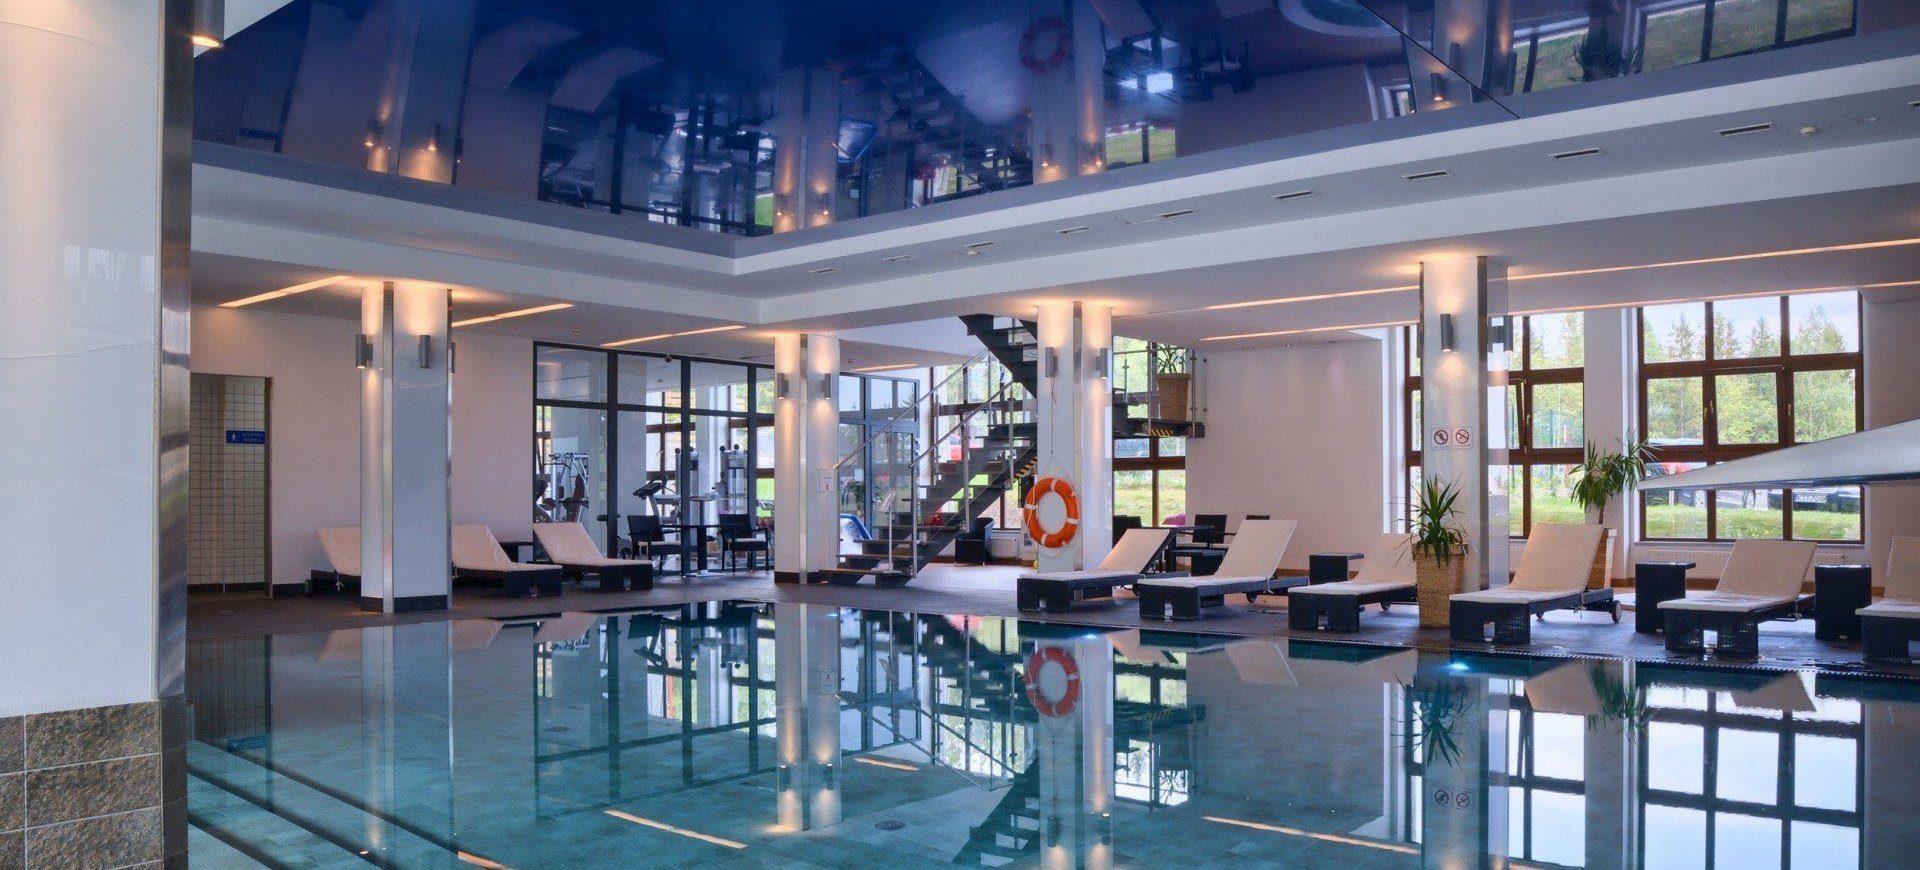 Basen W Zakopanem Hotele Nosalowy Dwór Resort Spa